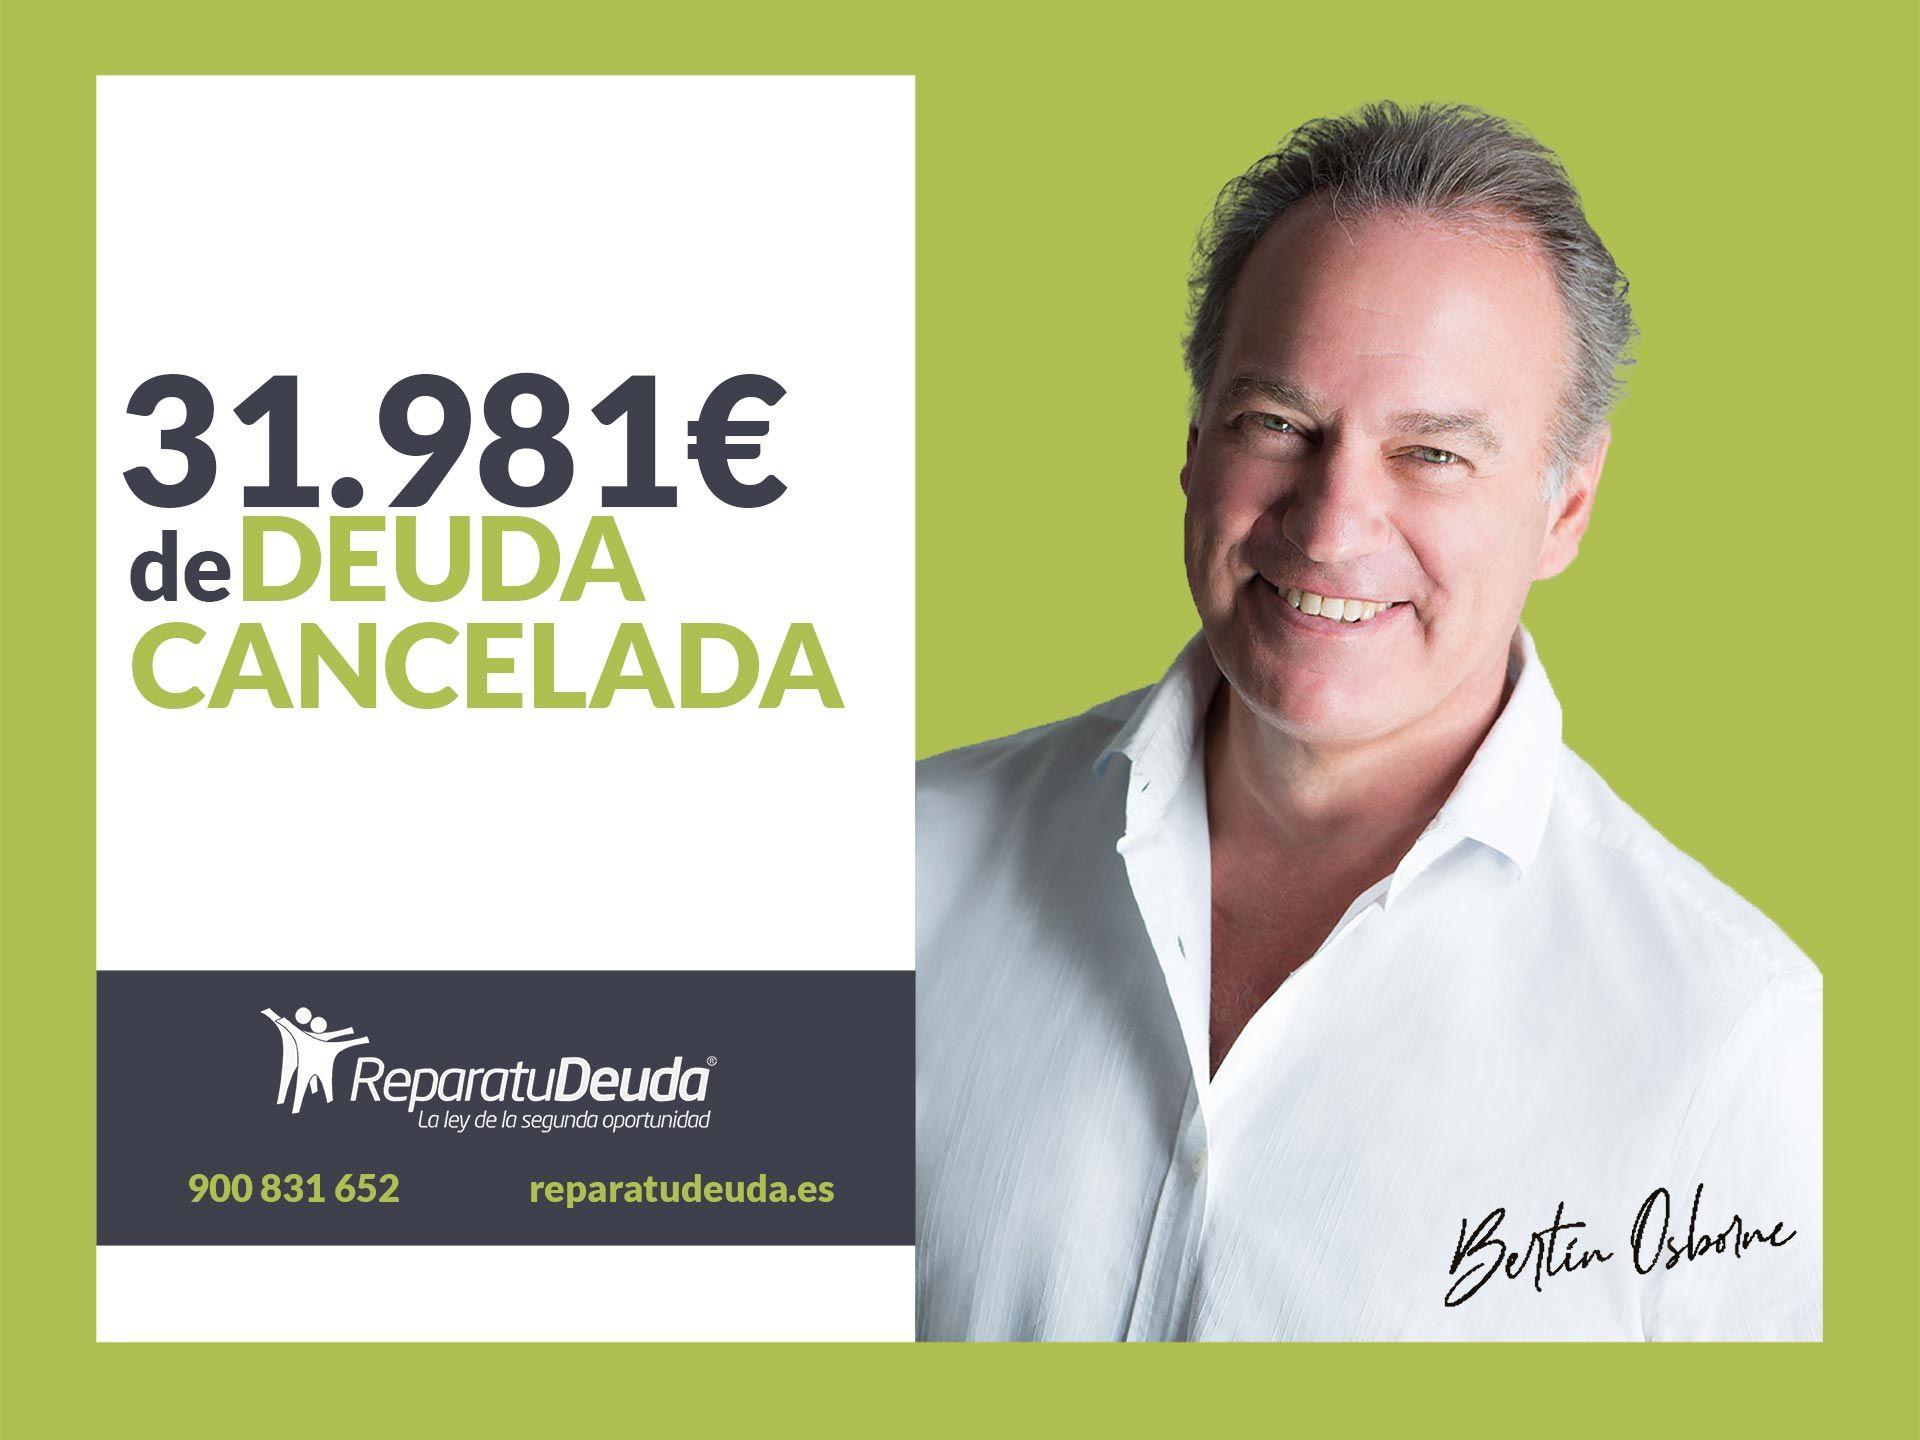 Repara tu Deuda Abogados cancela 31.981 ? en Oviedo (Asturias) con la Ley de la Segunda Oportunidad